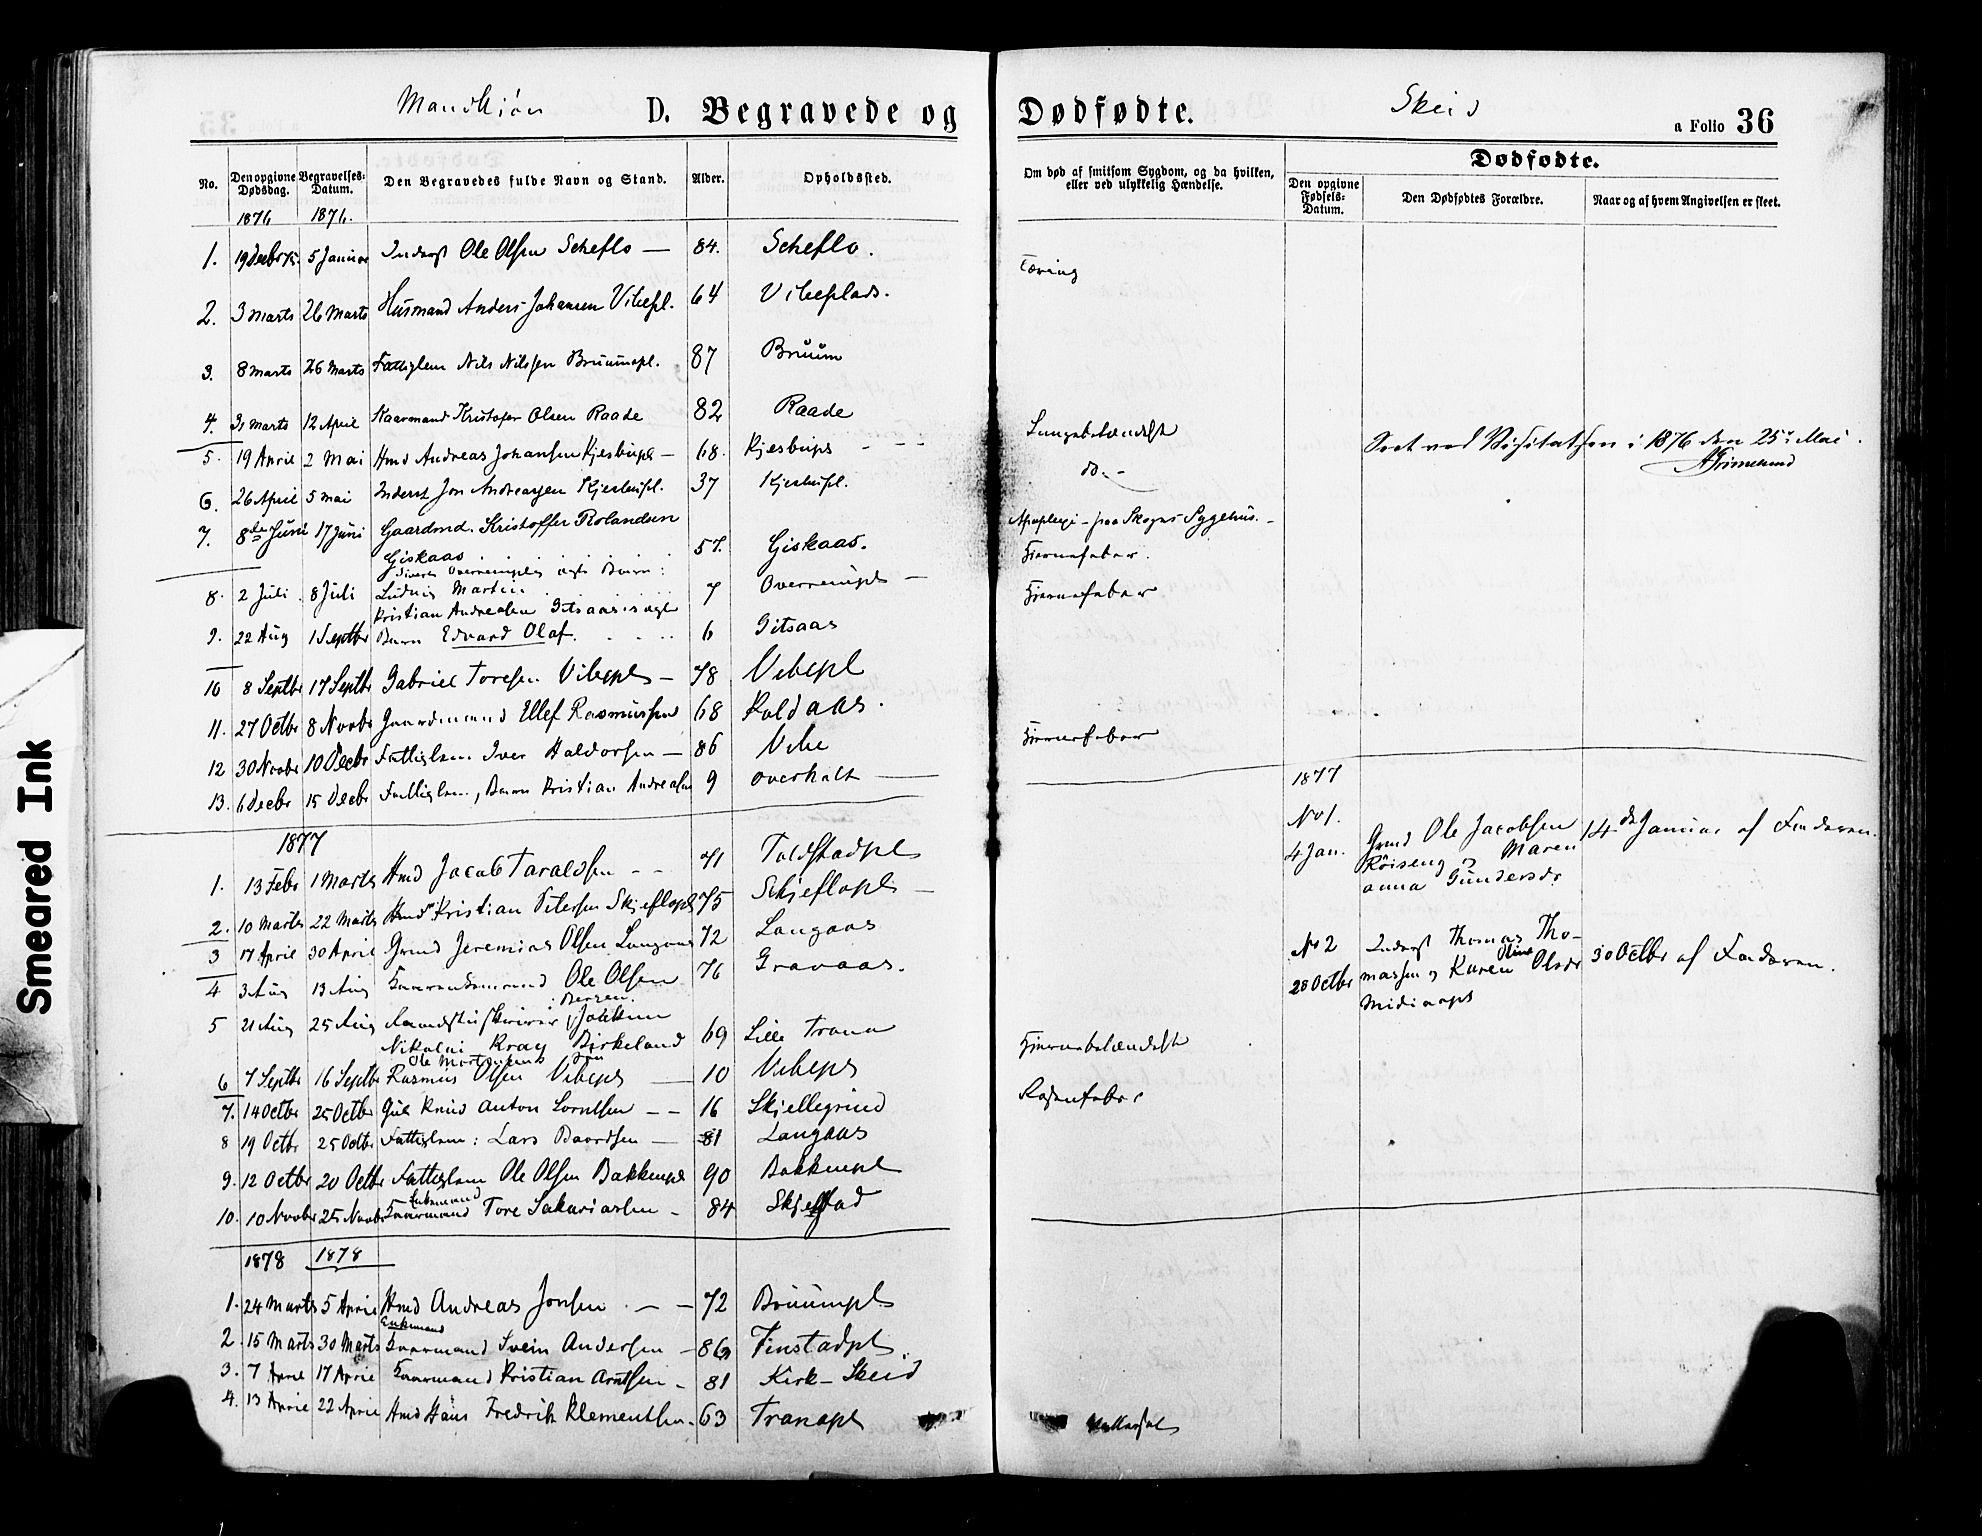 SAT, Ministerialprotokoller, klokkerbøker og fødselsregistre - Nord-Trøndelag, 735/L0348: Ministerialbok nr. 735A09 /2, 1873-1883, s. 36